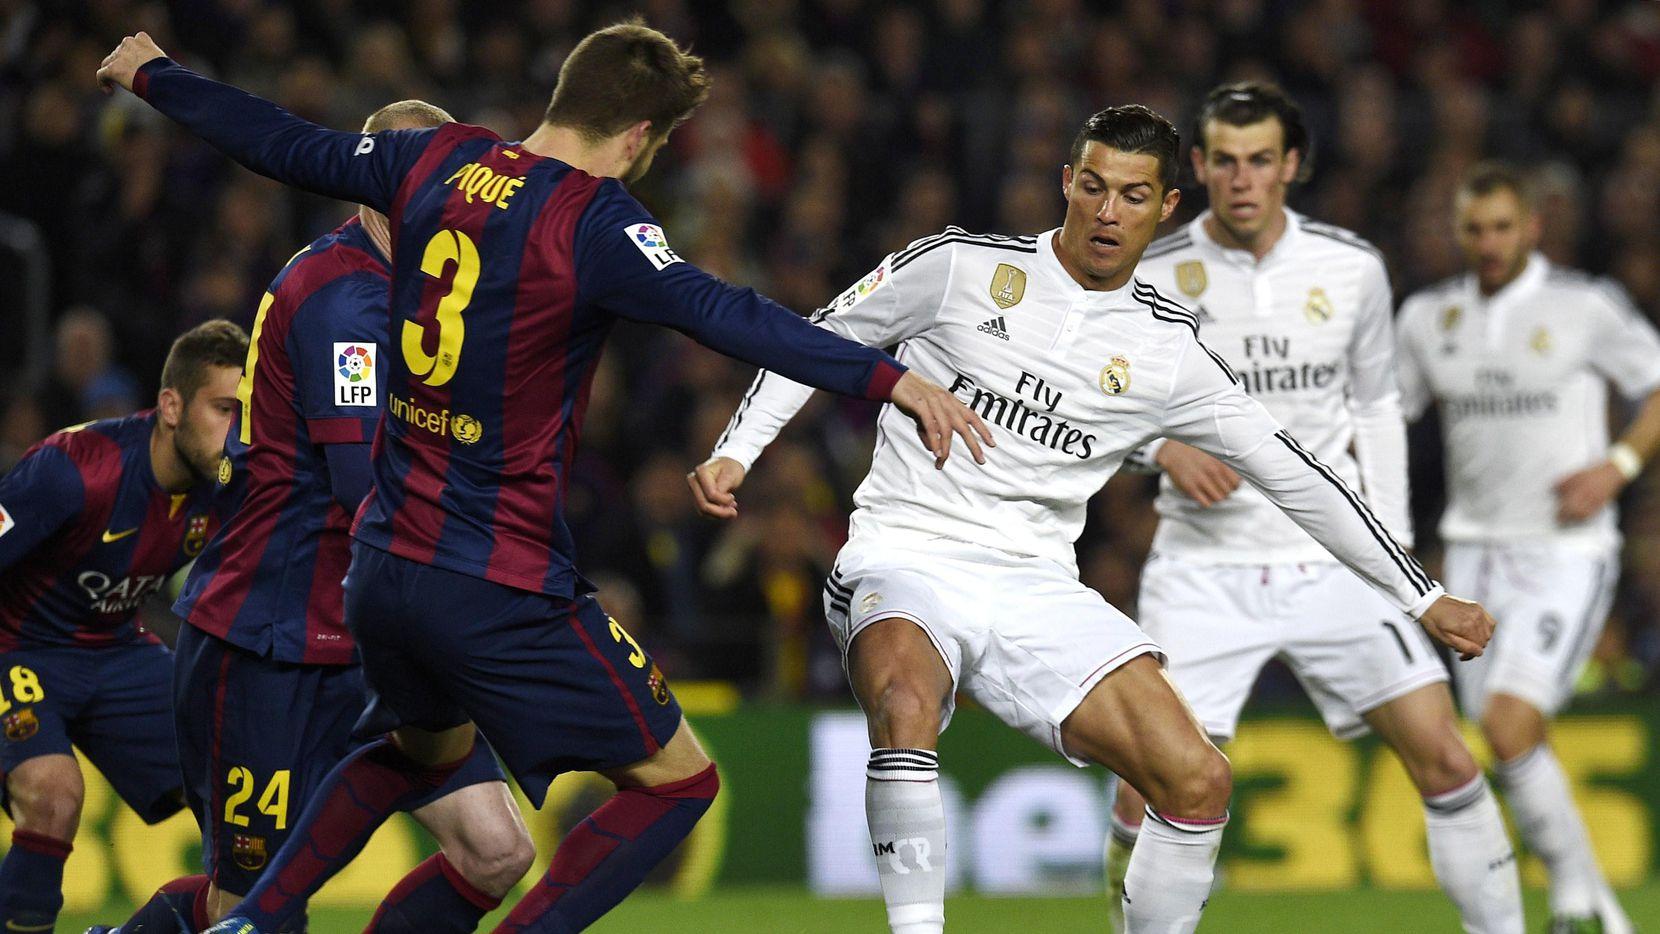 El portugés Cristiano Ronaldo (centro) estará disponible para enfrentar con el Real Madrid al Barcelona el domingo. (AFP/Getty Images/LLUIS GENE)